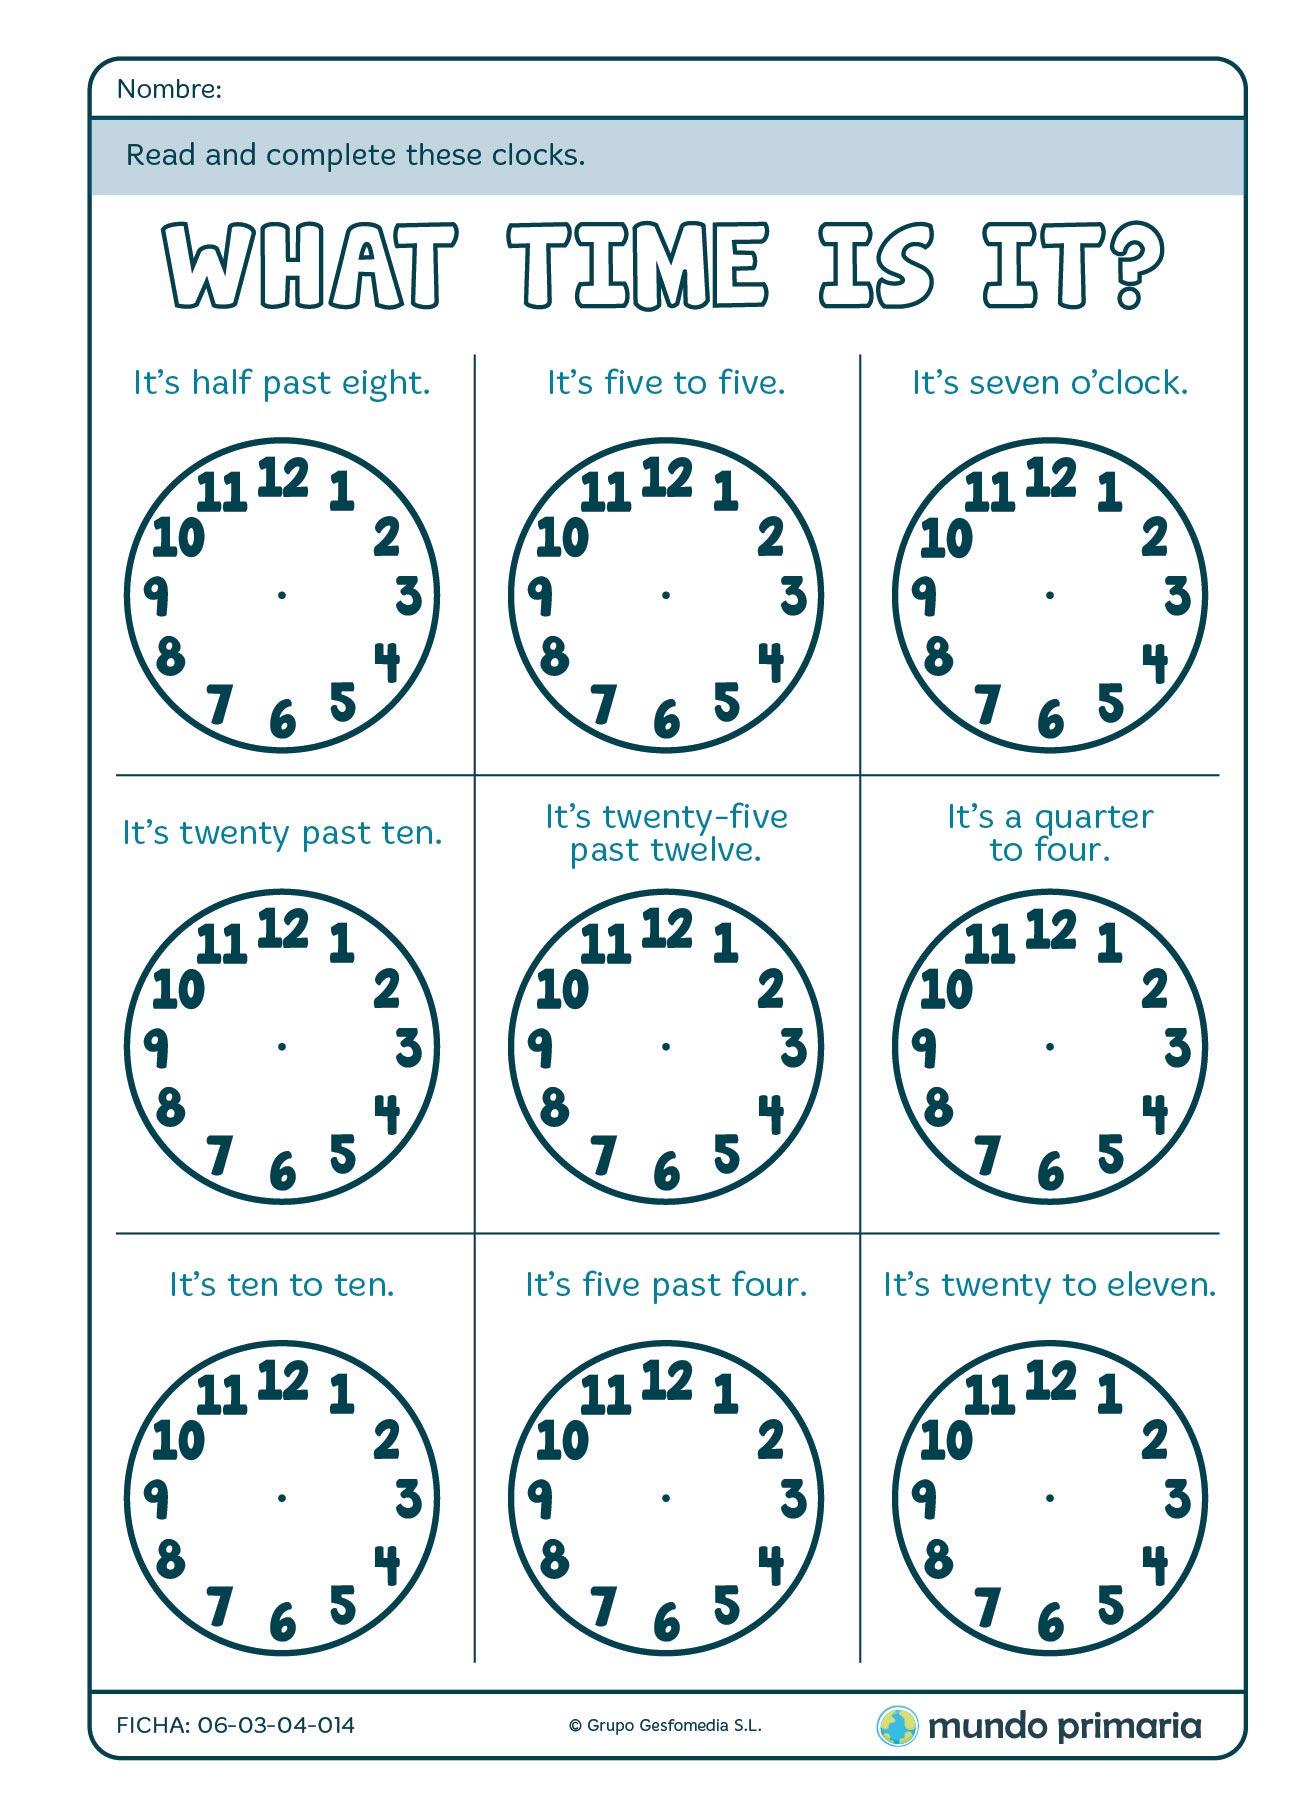 Ficha Para Completar Los Relojes De La Hora En Ingles Para